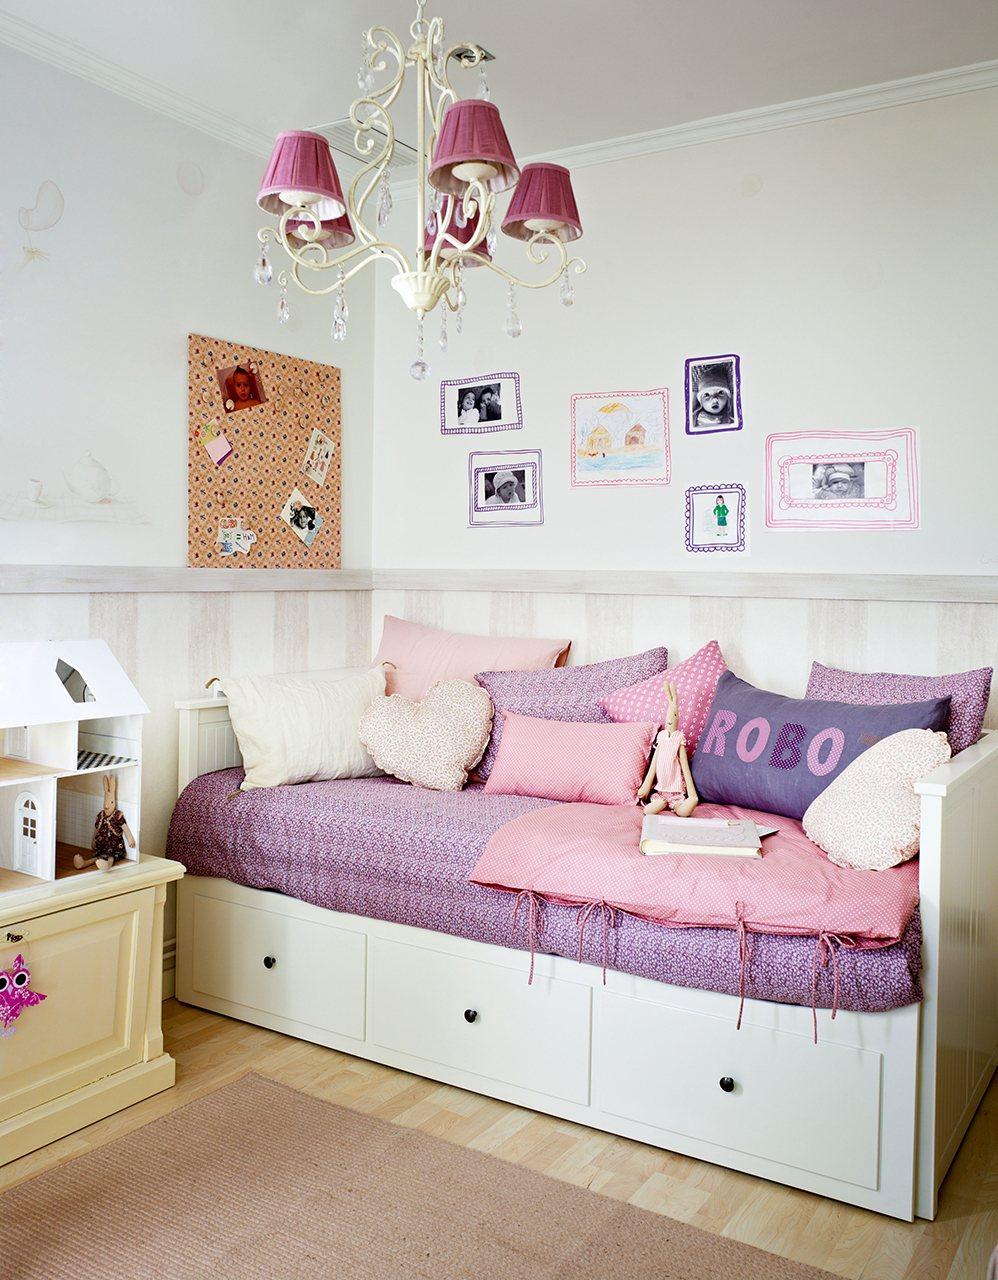 Solo cama tus gustos tu hogar for Sillon cama chile